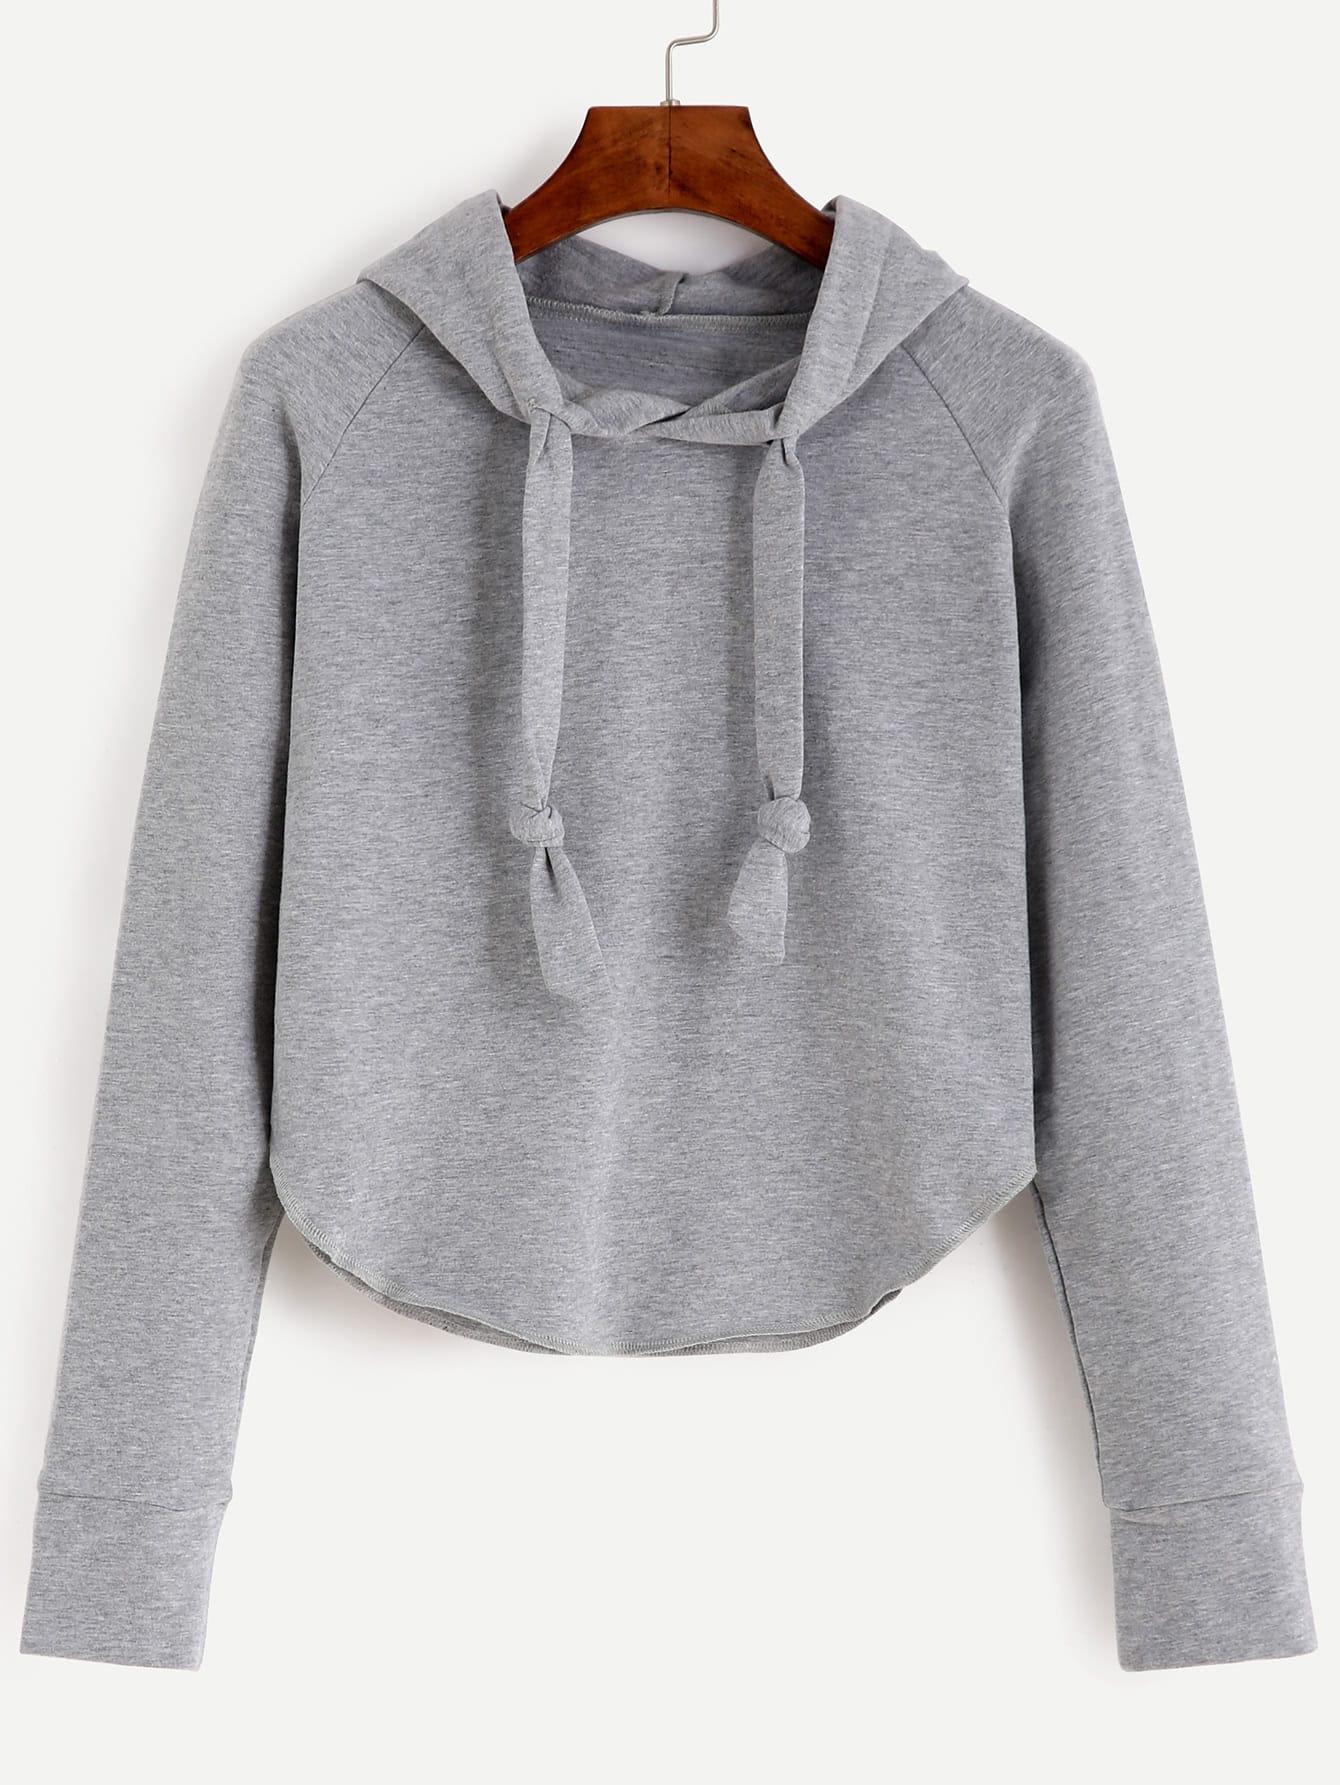 Фото Raglan Sleeve Hooded Sweatshirt. Купить с доставкой